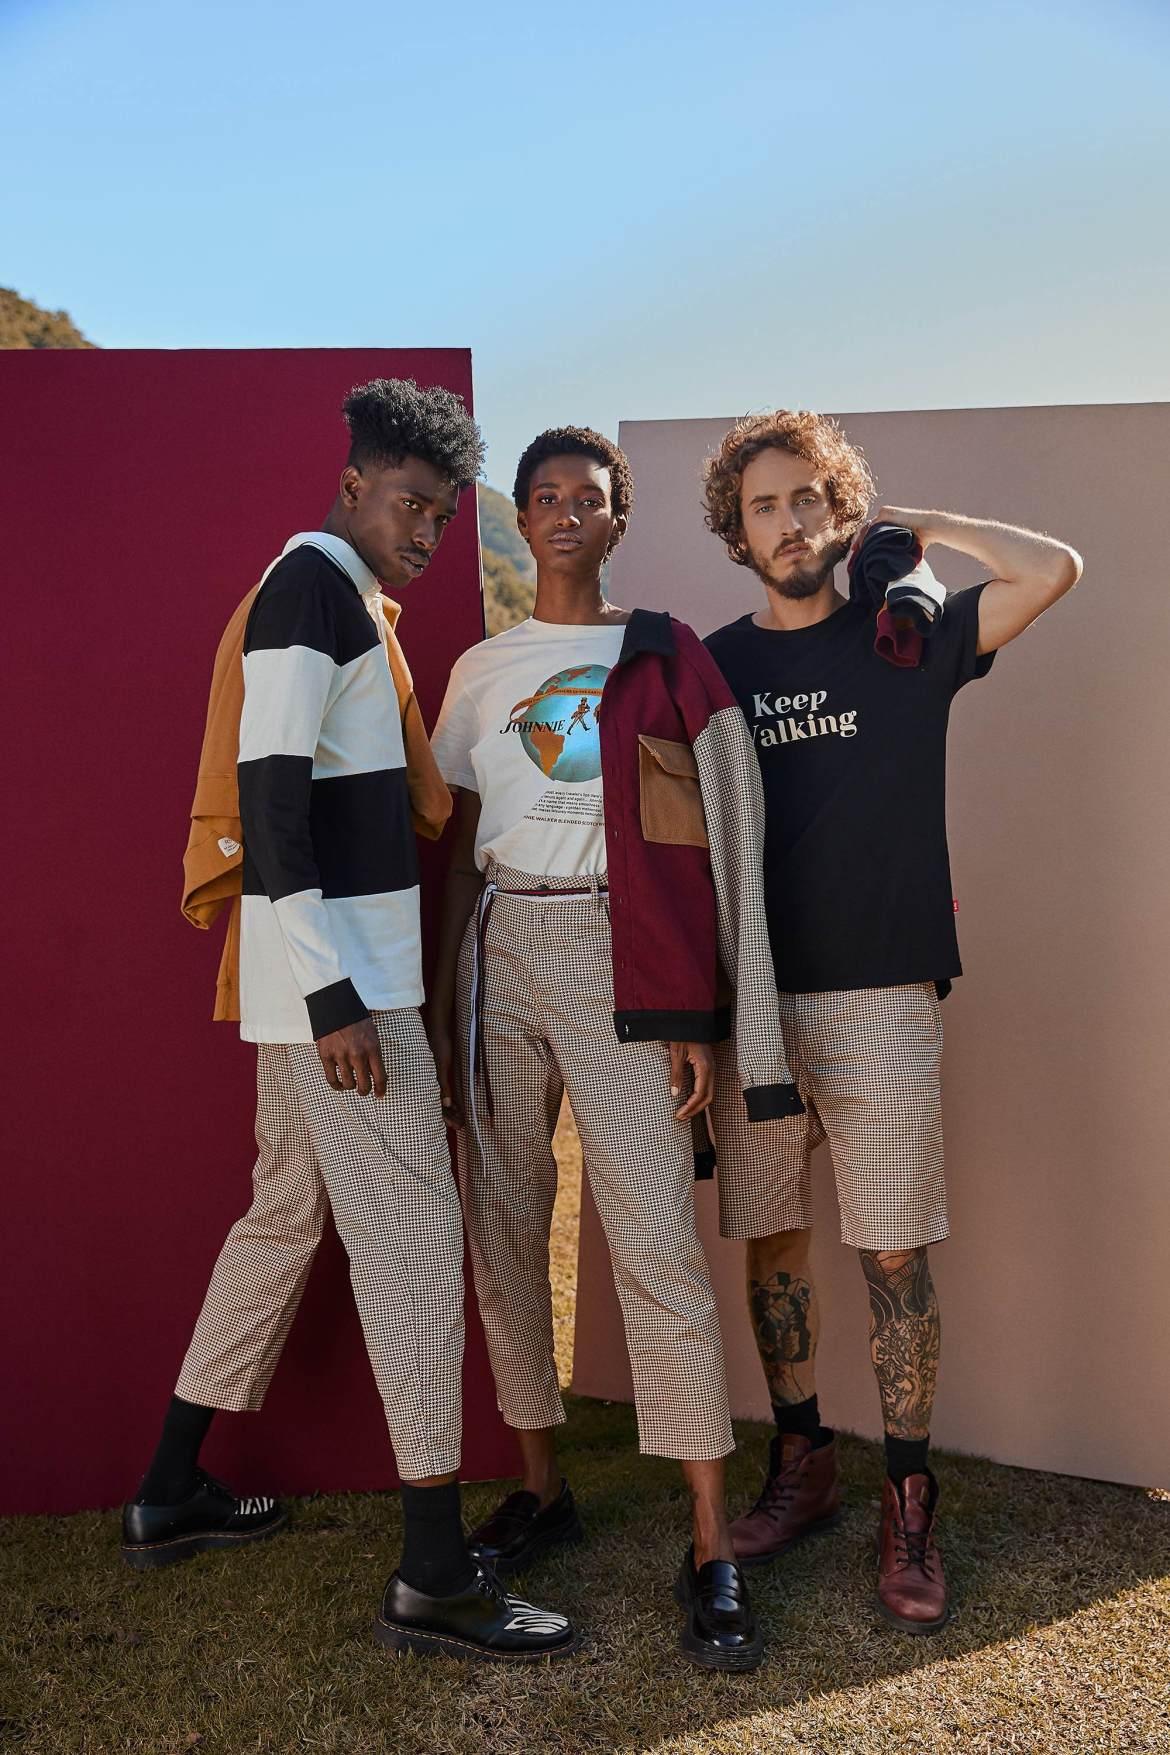 Três modelos em pé juntos, usando roupas de cores mostarda, vinho, branco e azul marinho